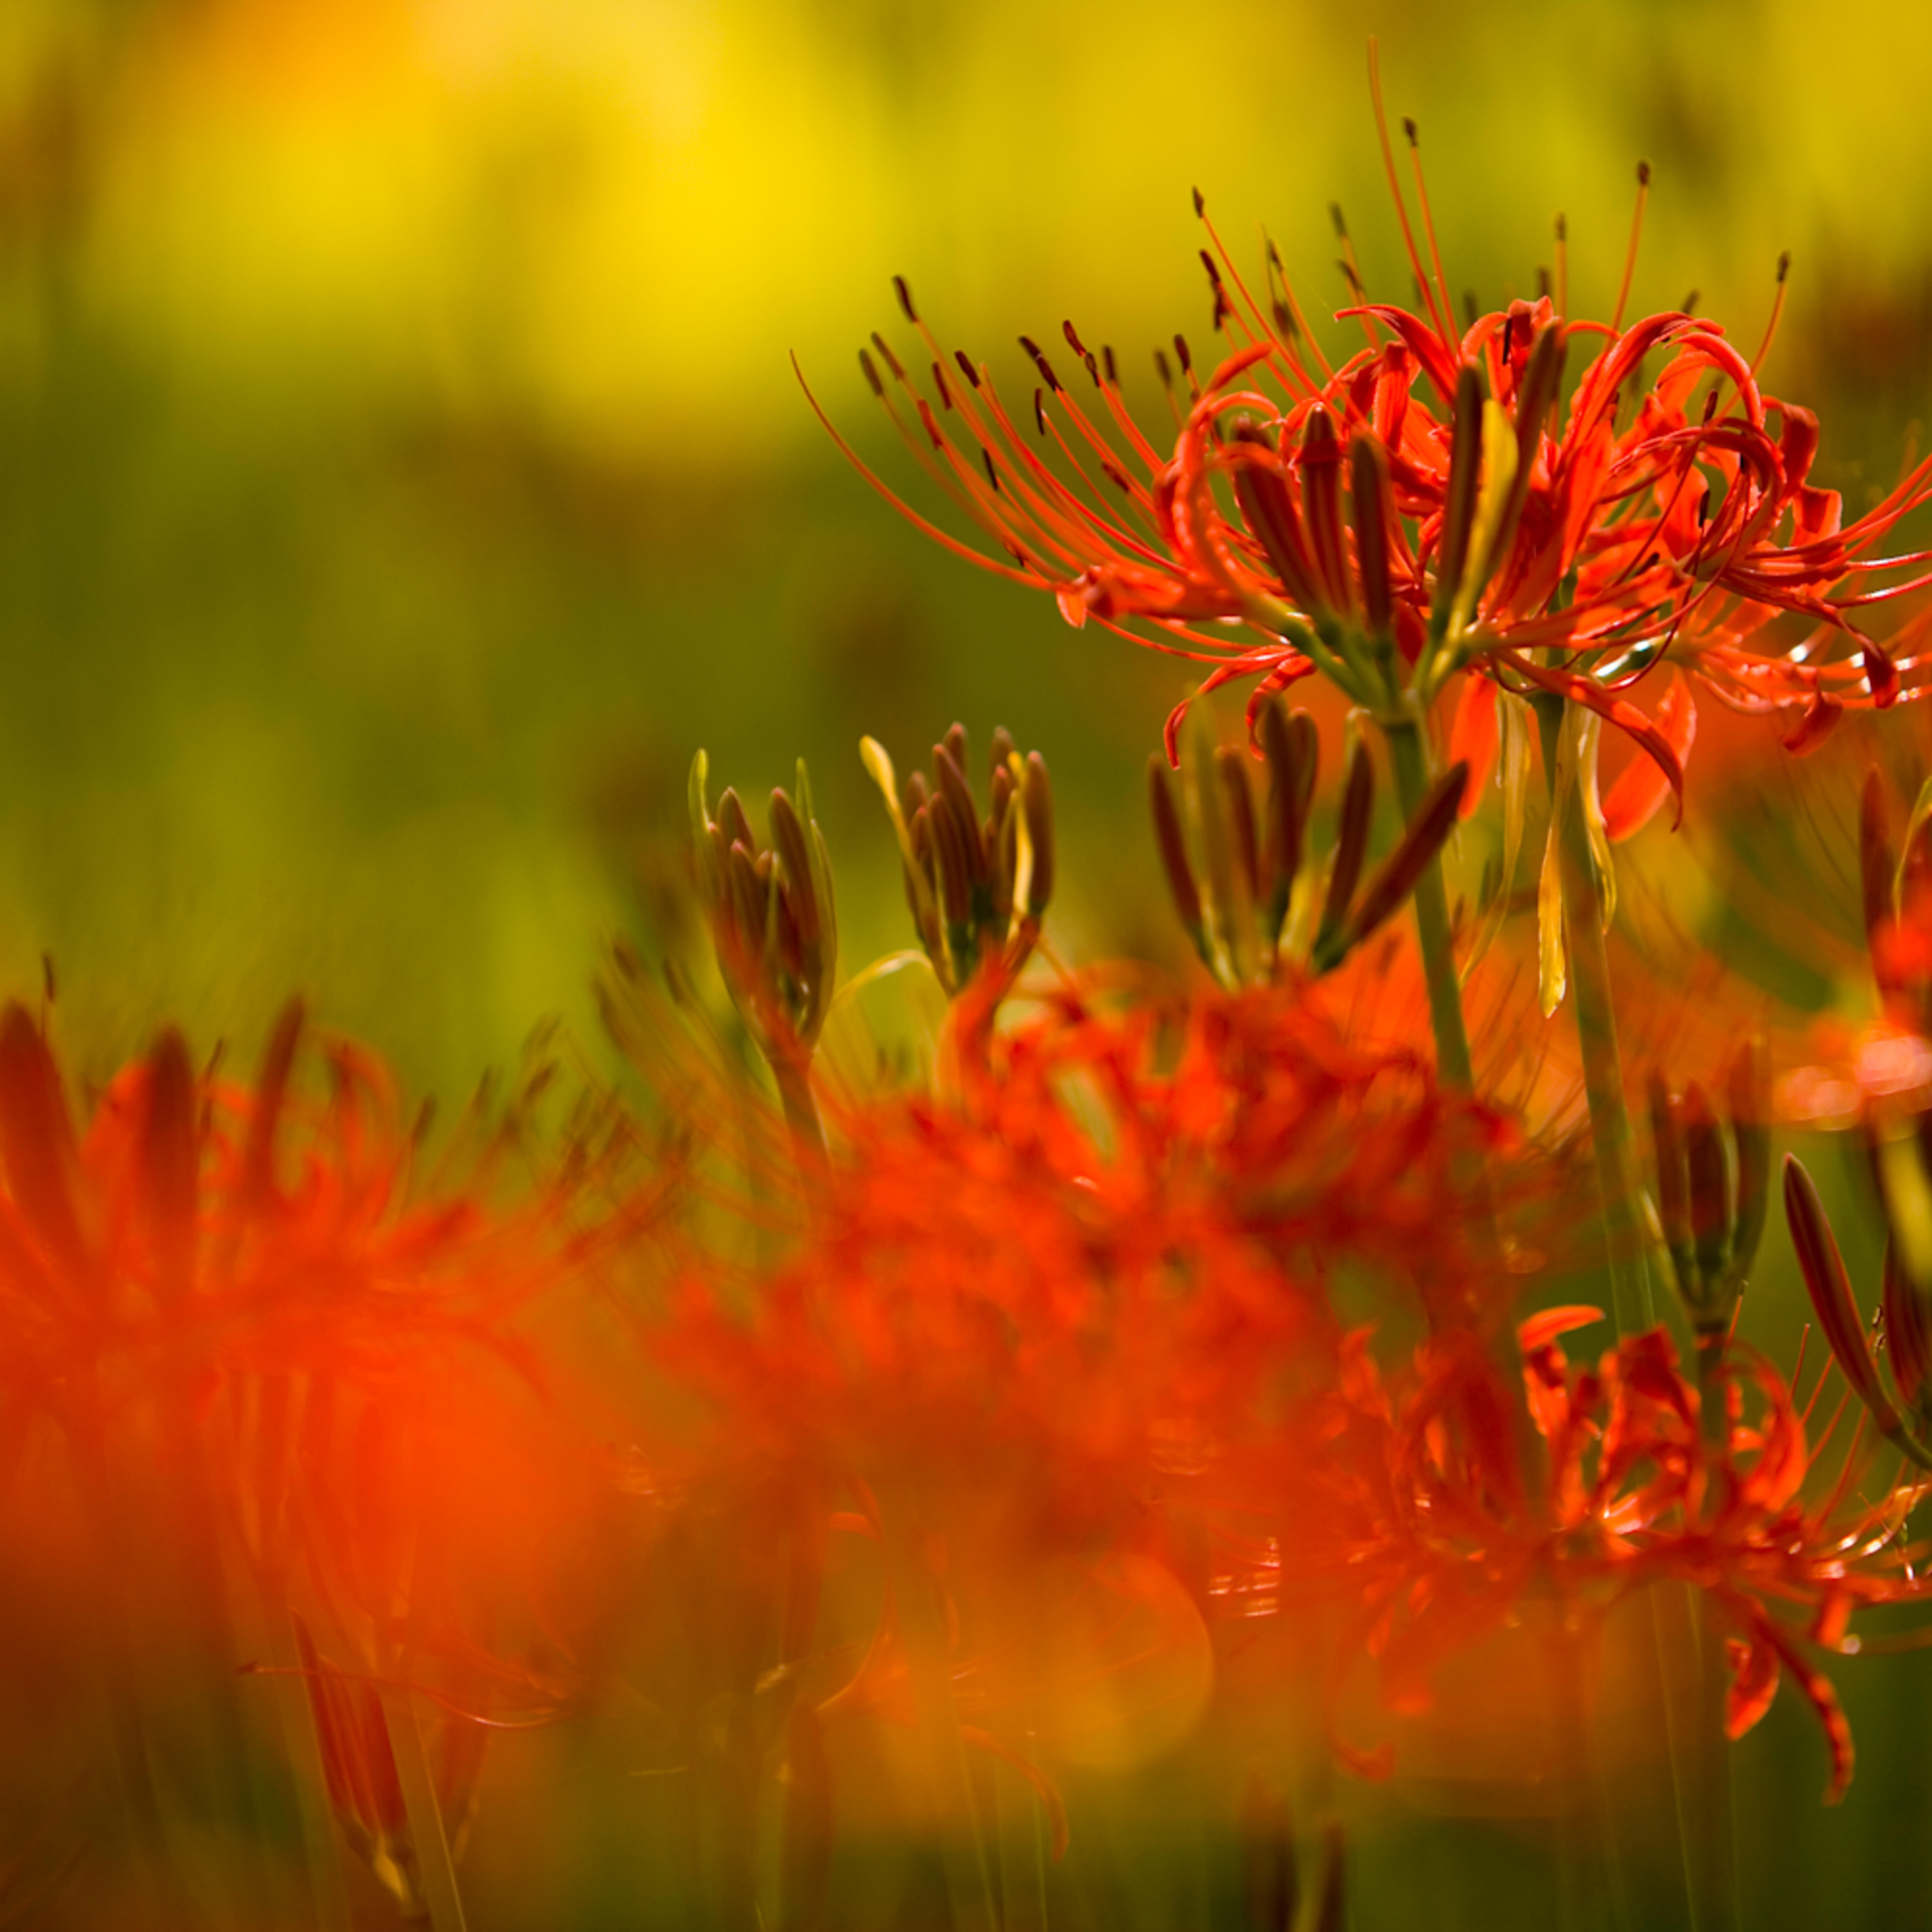 Kinchakuda equinox flower 3420 ns3trx